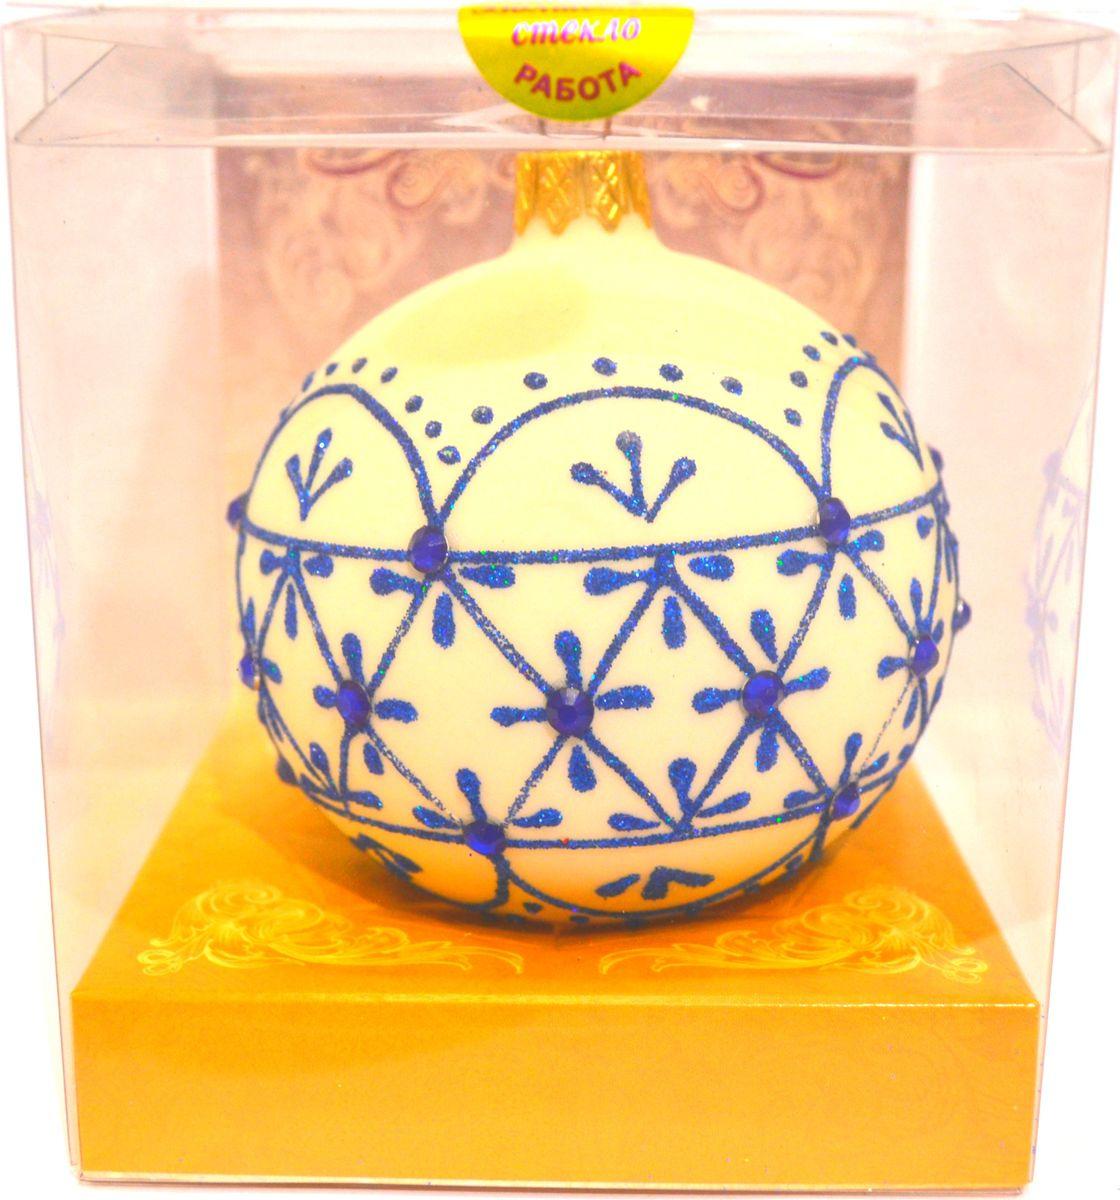 Елочный шар Снежная феерия 2, КУ-65-16/17/2, диаметр 6,5 см елочный шар снежное плетение ку 65 11 17 диаметр 6 5 см